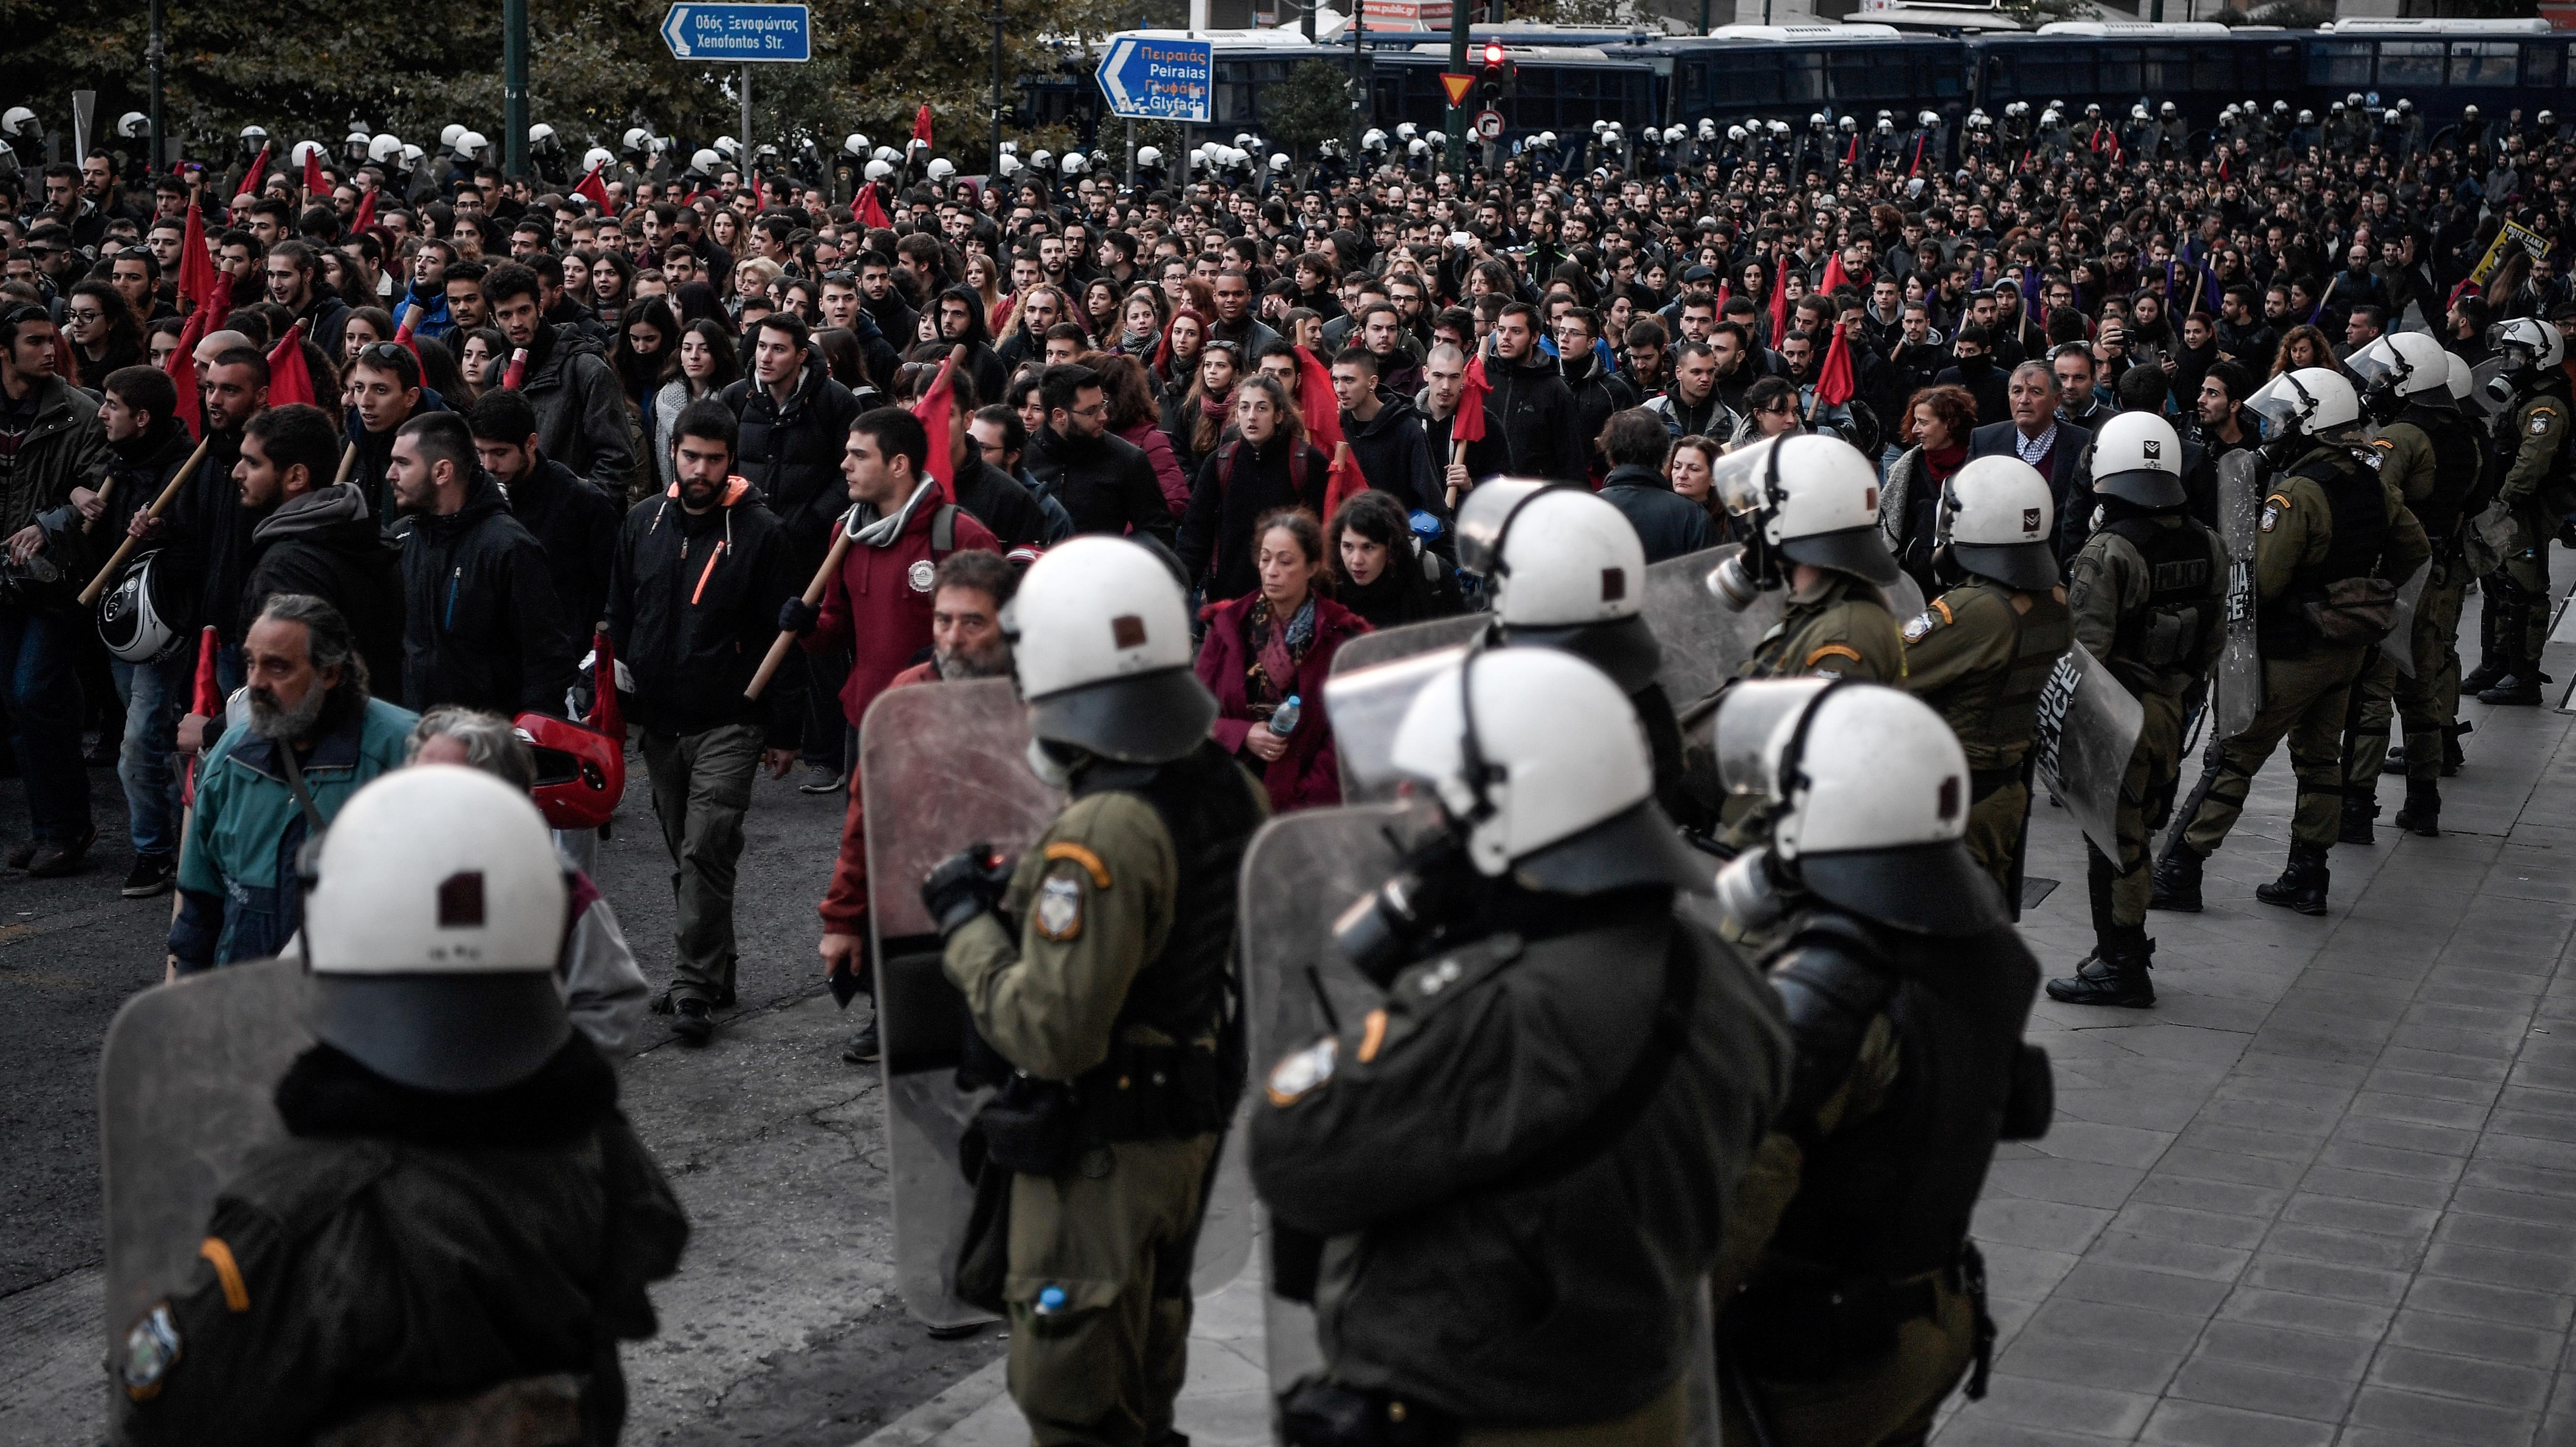 Az 1973-as diáklázadás évfordulójára rendezett békés tüntetés után rendőrök csaptak össze a szélsőbalos tüntetőkkel Athénban